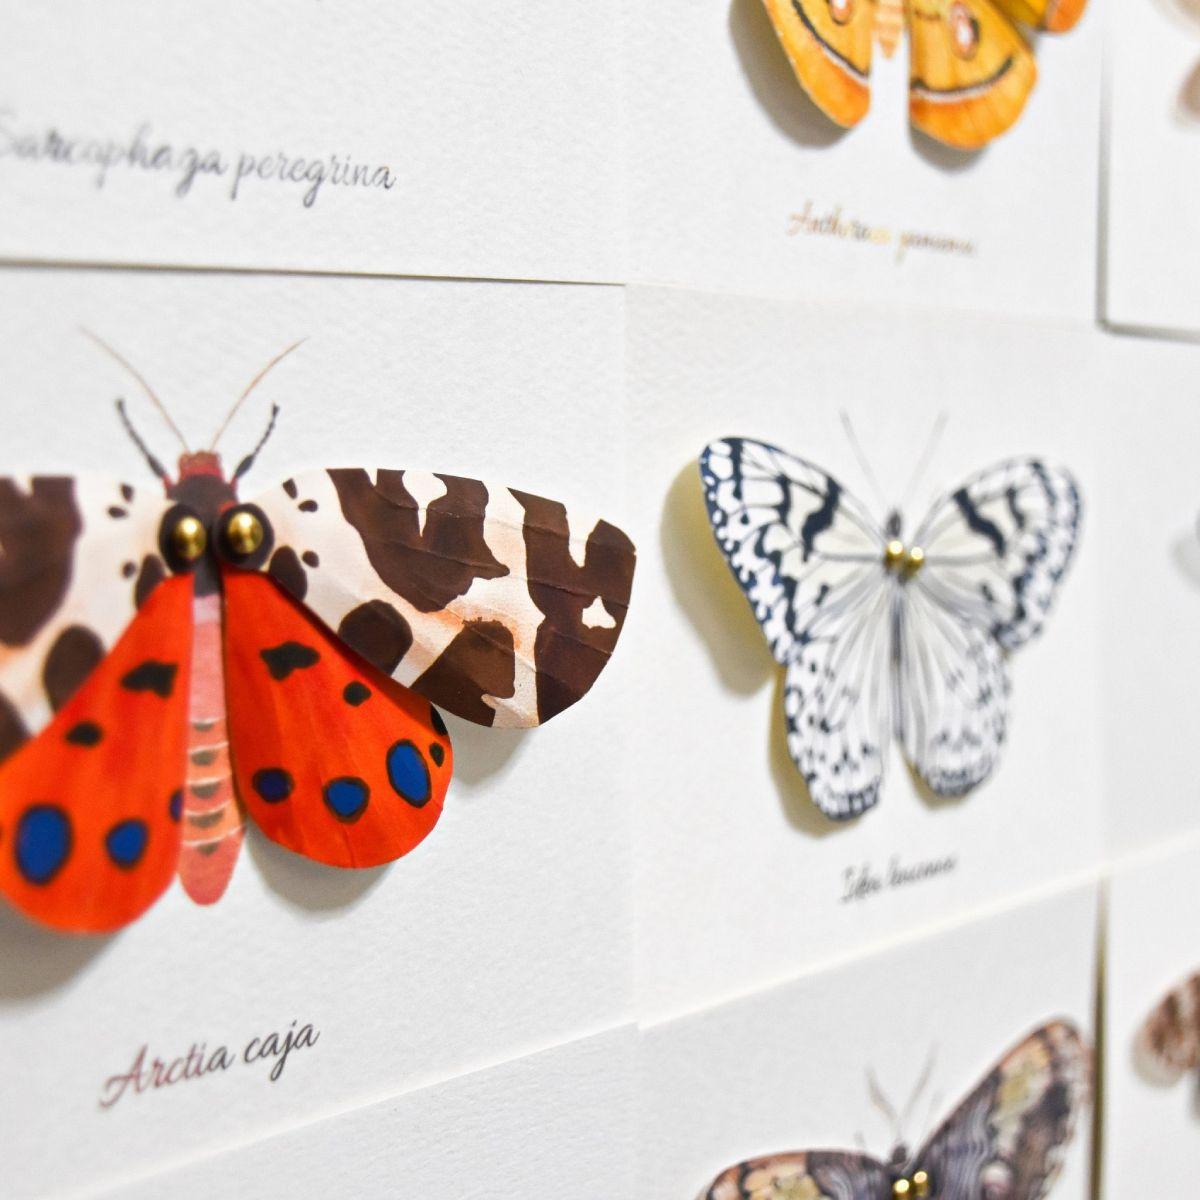 蛾の羽ばたく姿が作品の着想だったという投稿者。